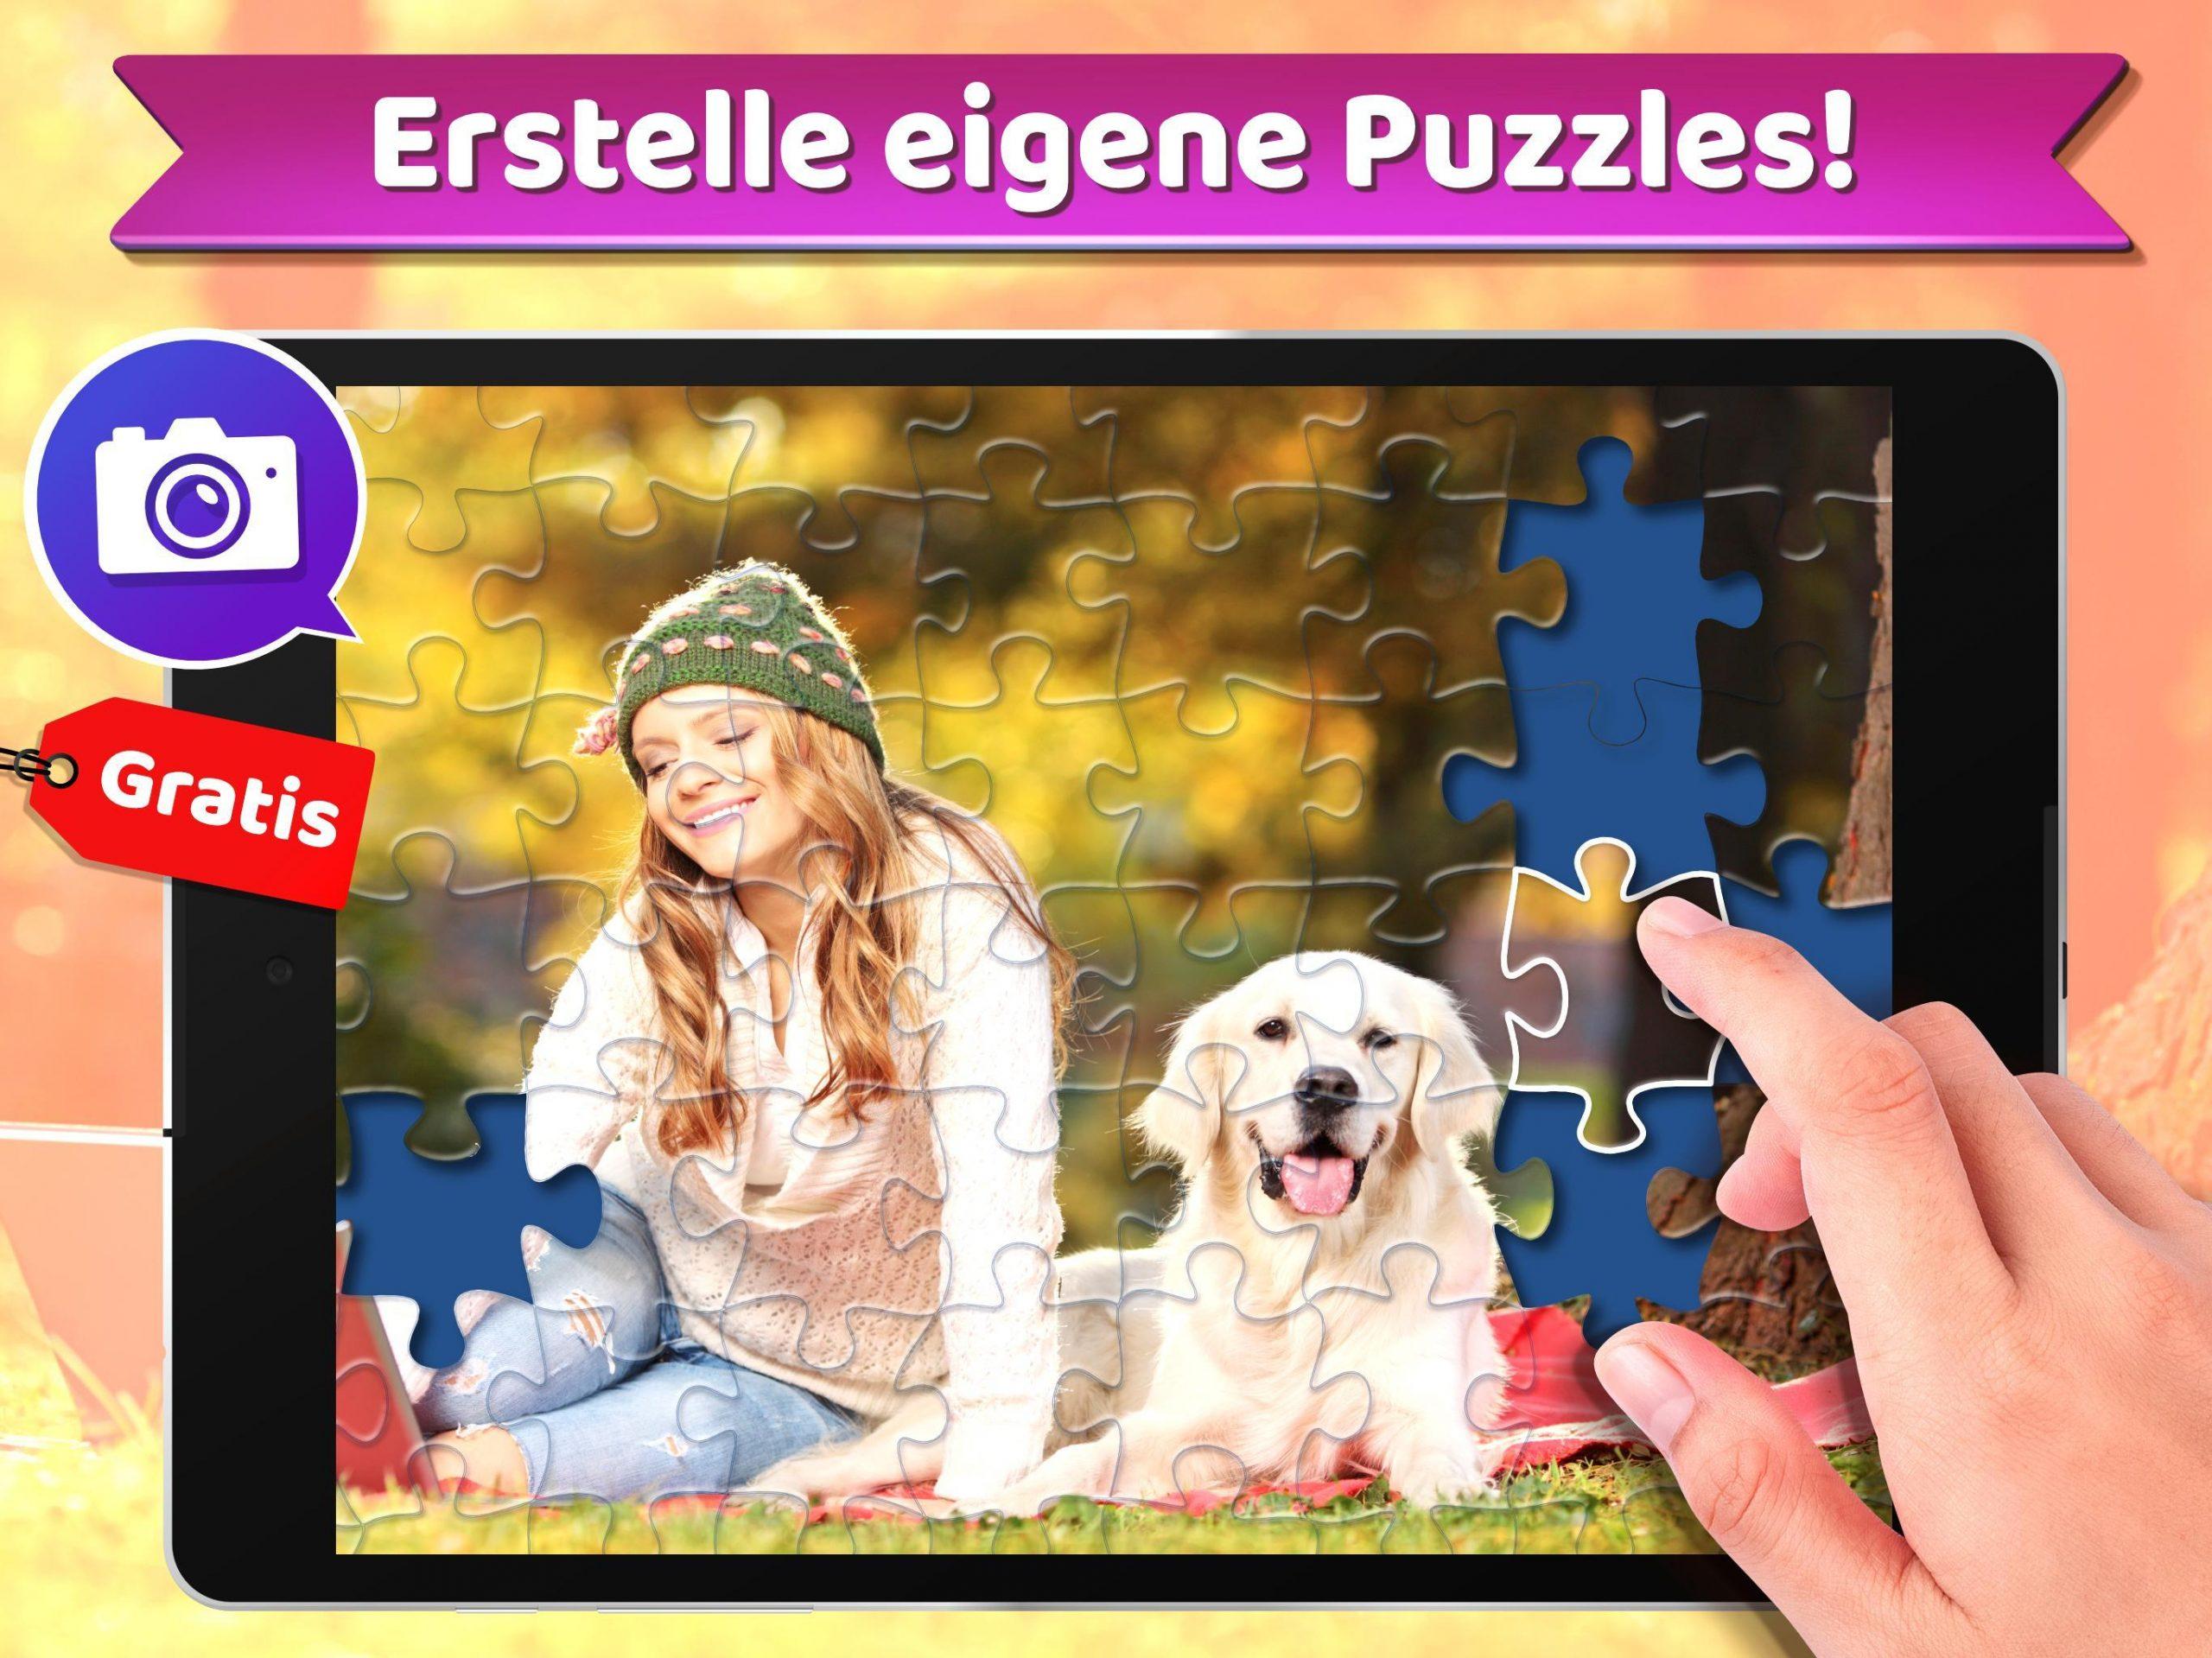 Puzzle 🧩 - Puzzle Spiele Kostenlos Für Android - Apk bestimmt für Puzzle Online Kostenlos Puzzeln Jigsaw